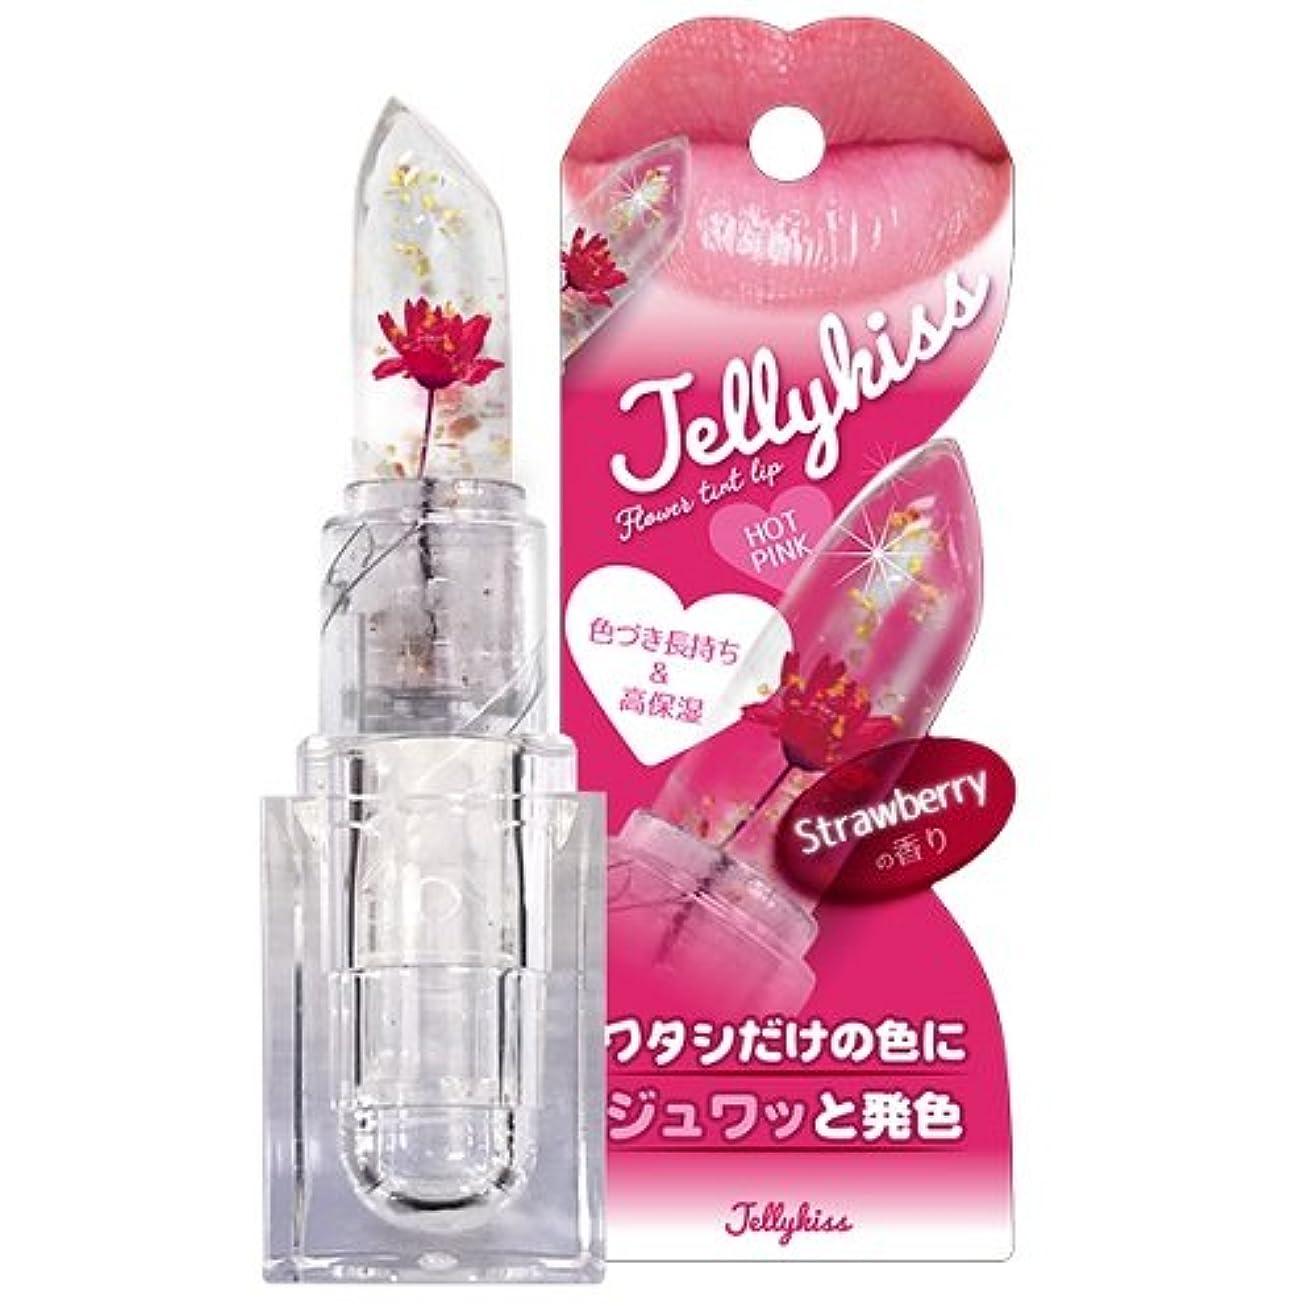 好色な外出擁するジェリキス (Jelly kiss) 01 ホットピンク 3.5g